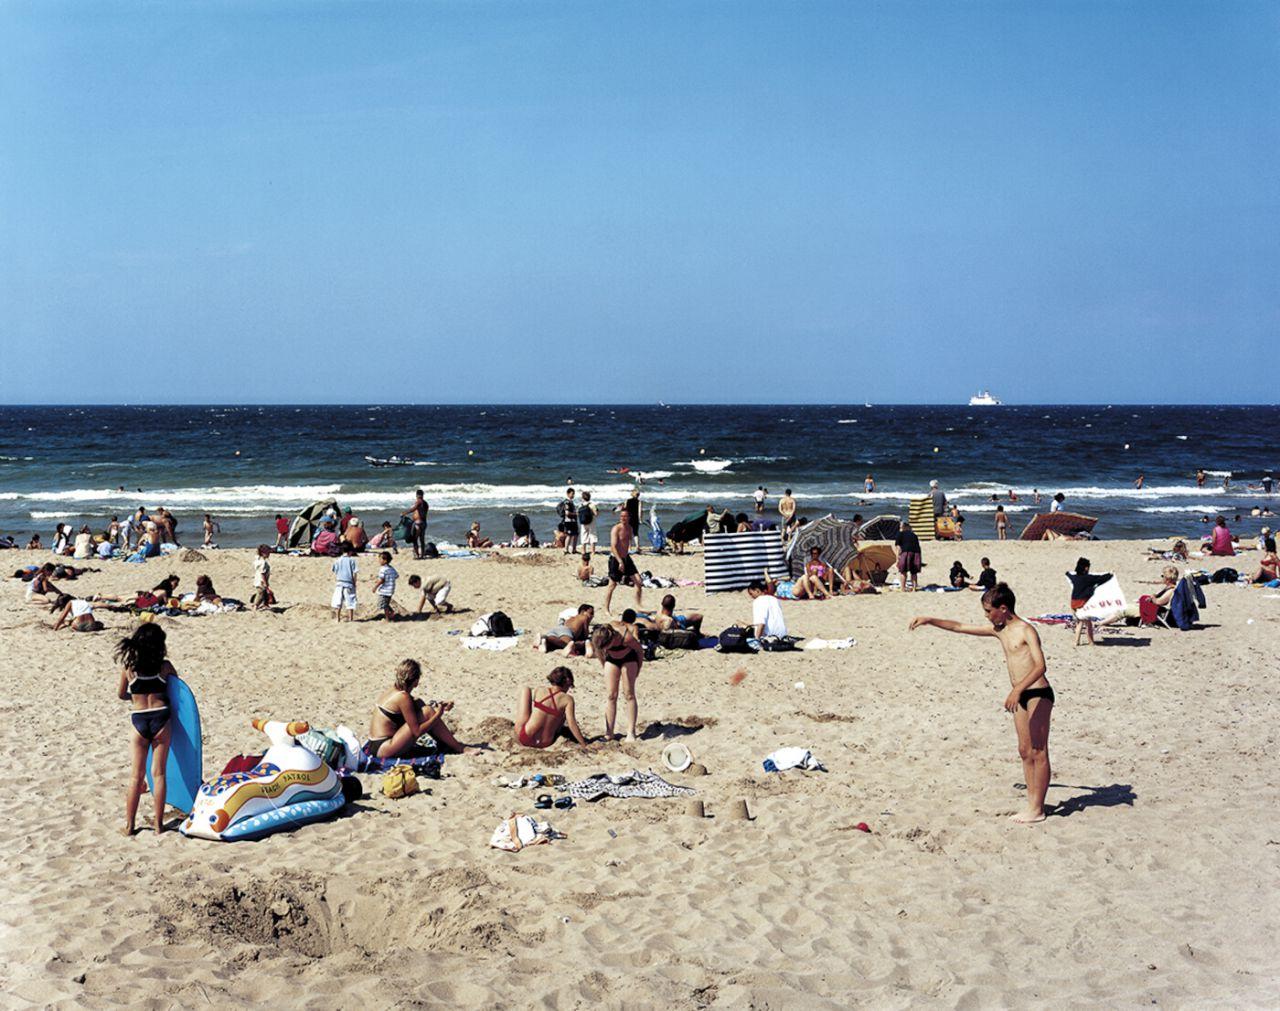 Playa. Lugar donde se produjo el desembarco de Normandía